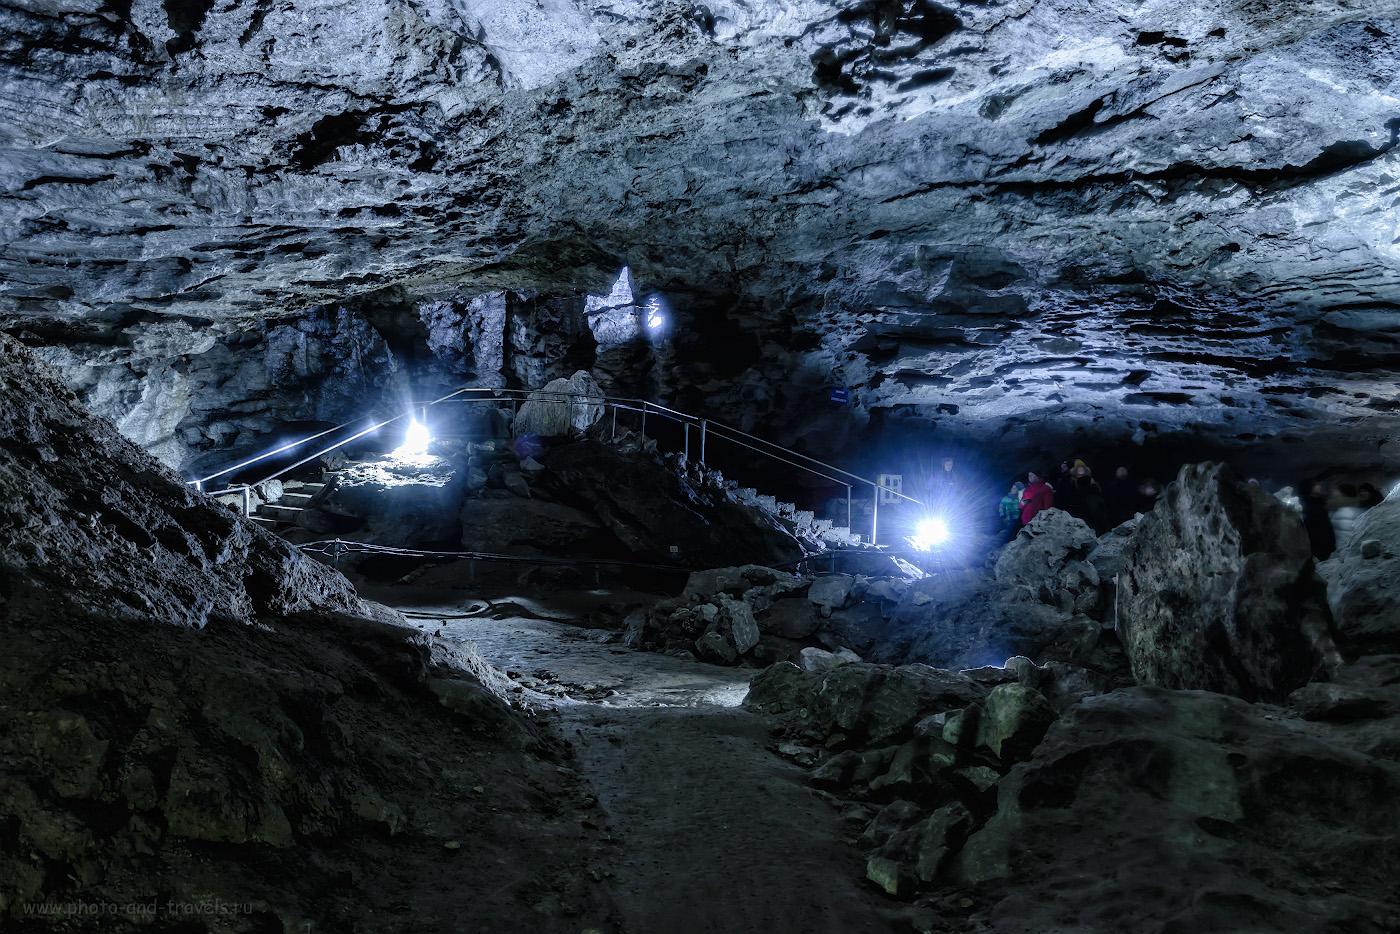 Фотография 18. Как передать объем при съемке в Кунгурской ледяной пещере? Помещайте людей в кадре, снимая в гротах. 1.6, +1.33, 8.0, 400, 32.